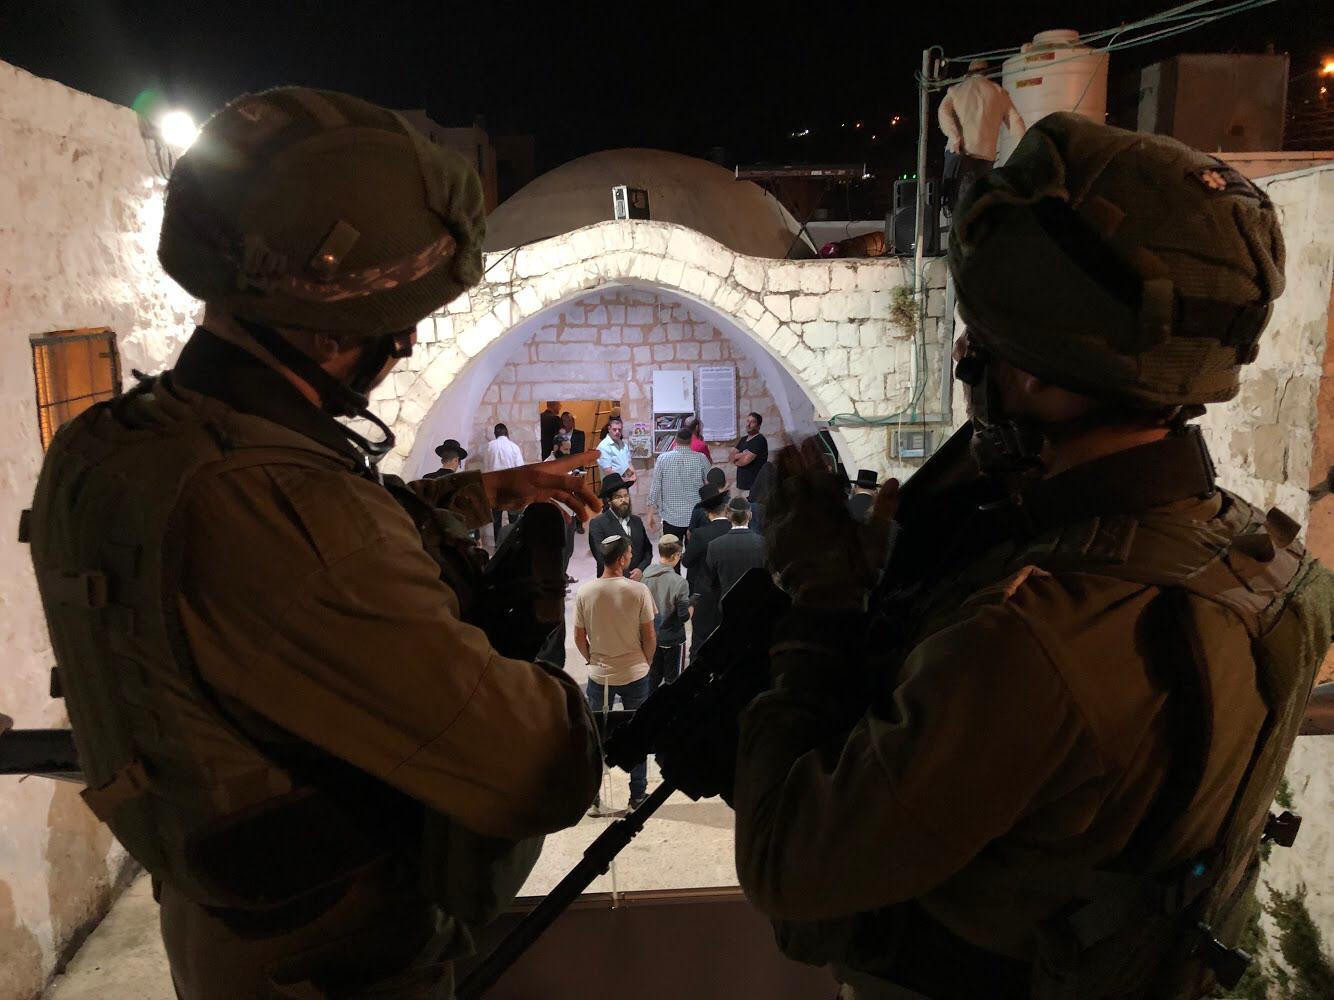 חיילים מאבטחים את המתפללים בקבר יוסף